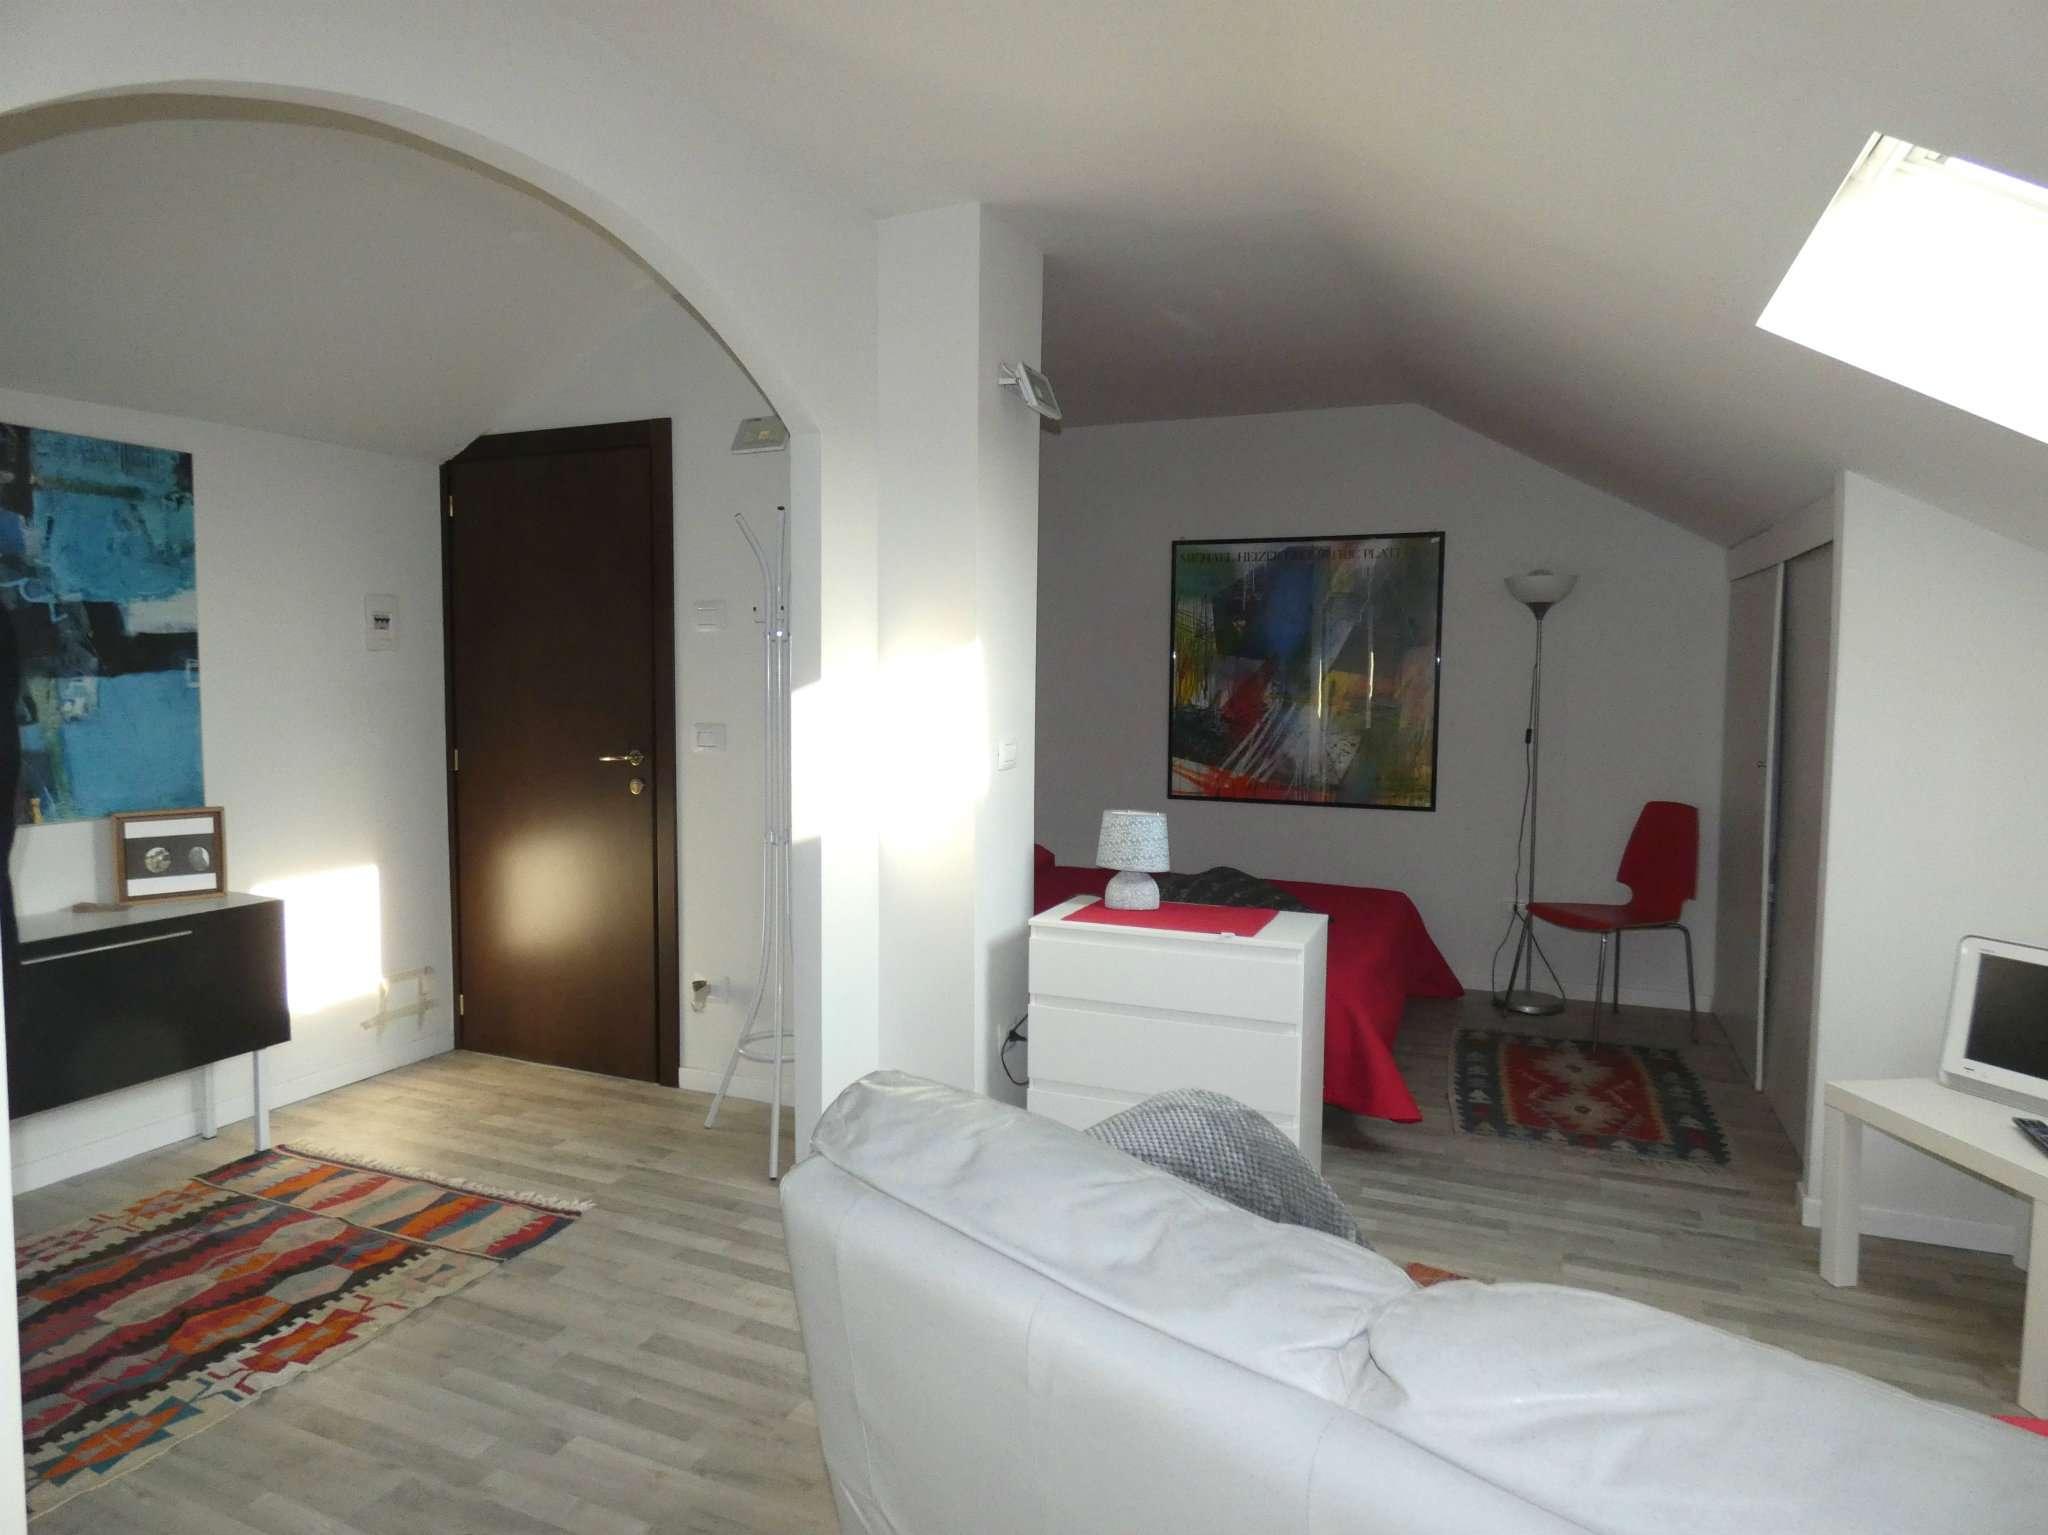 Appartamento in affitto a Bra, 2 locali, prezzo € 450 | CambioCasa.it